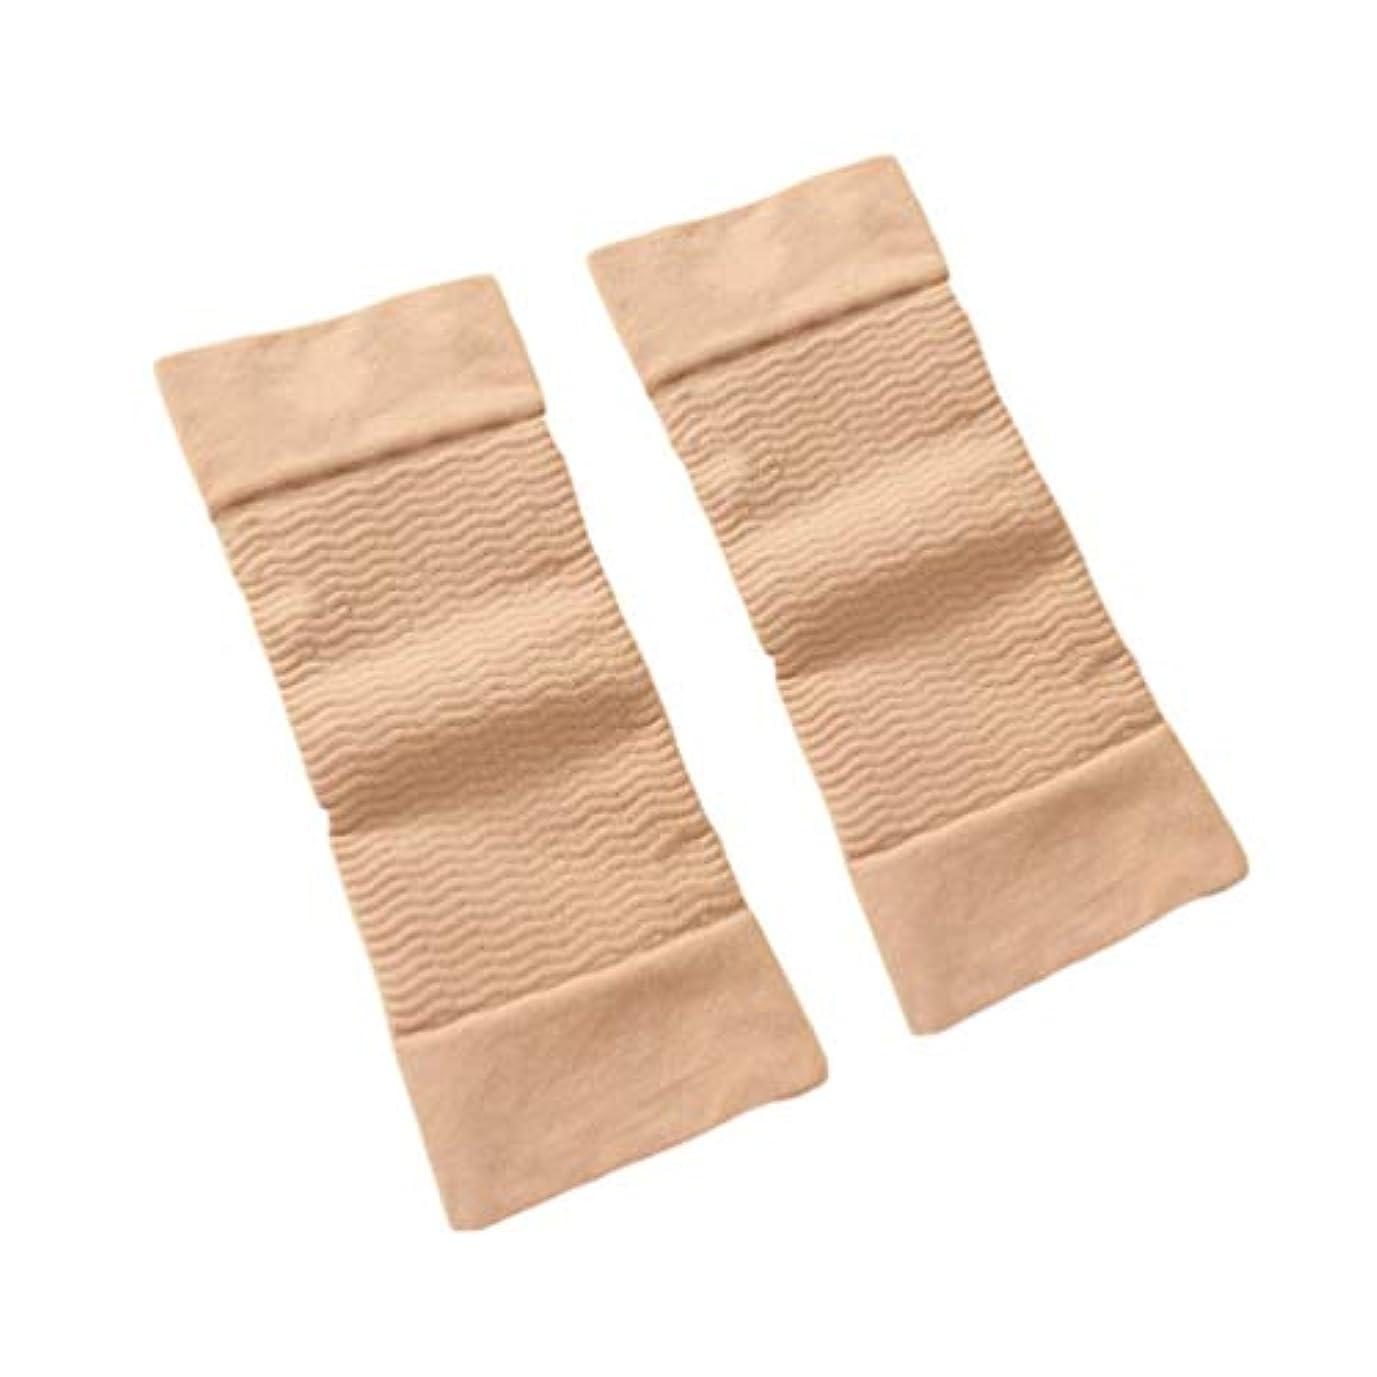 ペンフレンド実業家工業用1ペア420 D圧縮痩身アームスリーブワークアウトトーニングバーンセルライトシェイパー脂肪燃焼袖用女性 - 肌色